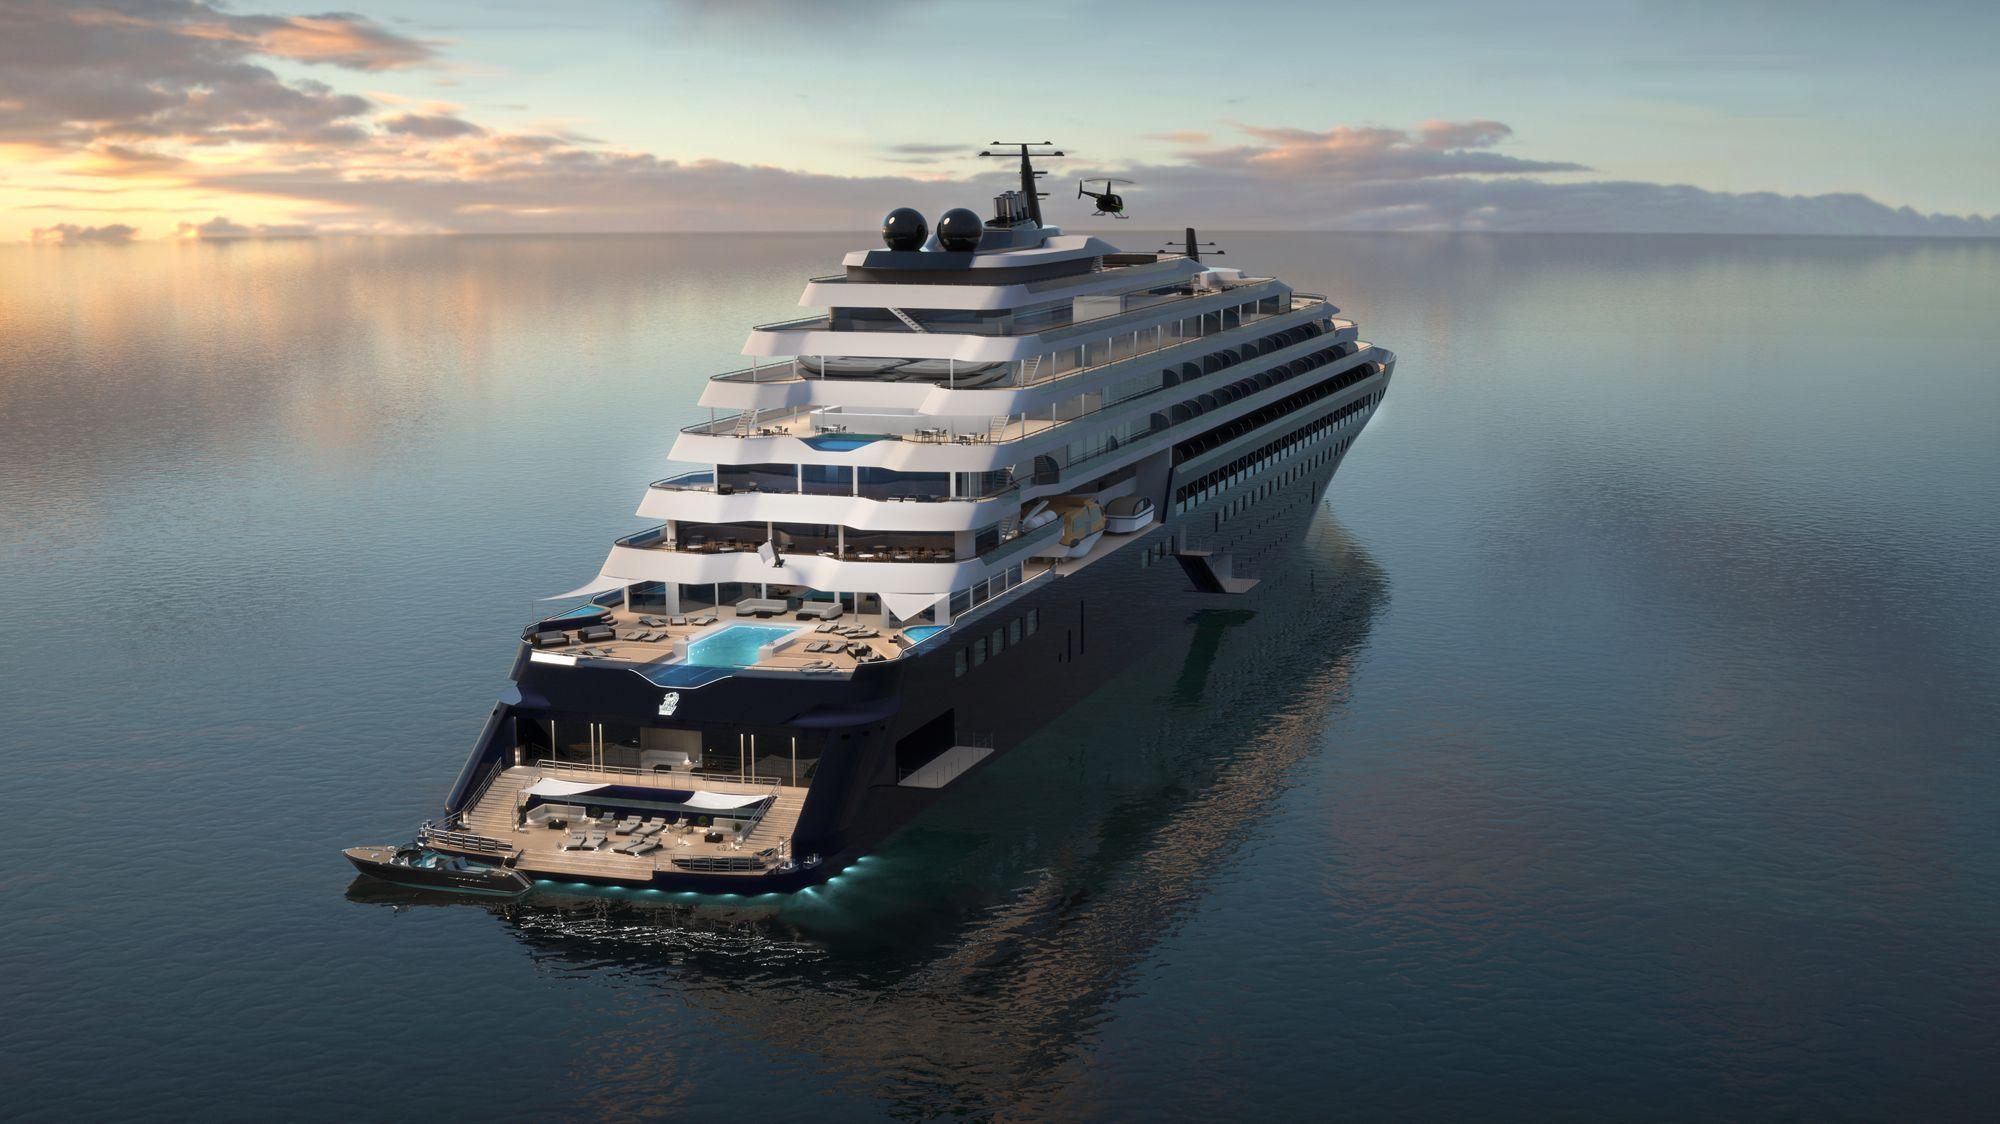 Ritz-Carlton Yacht - dizajn, kot ga poznamo pri običajnih jahtah in ne velikih križarkah.